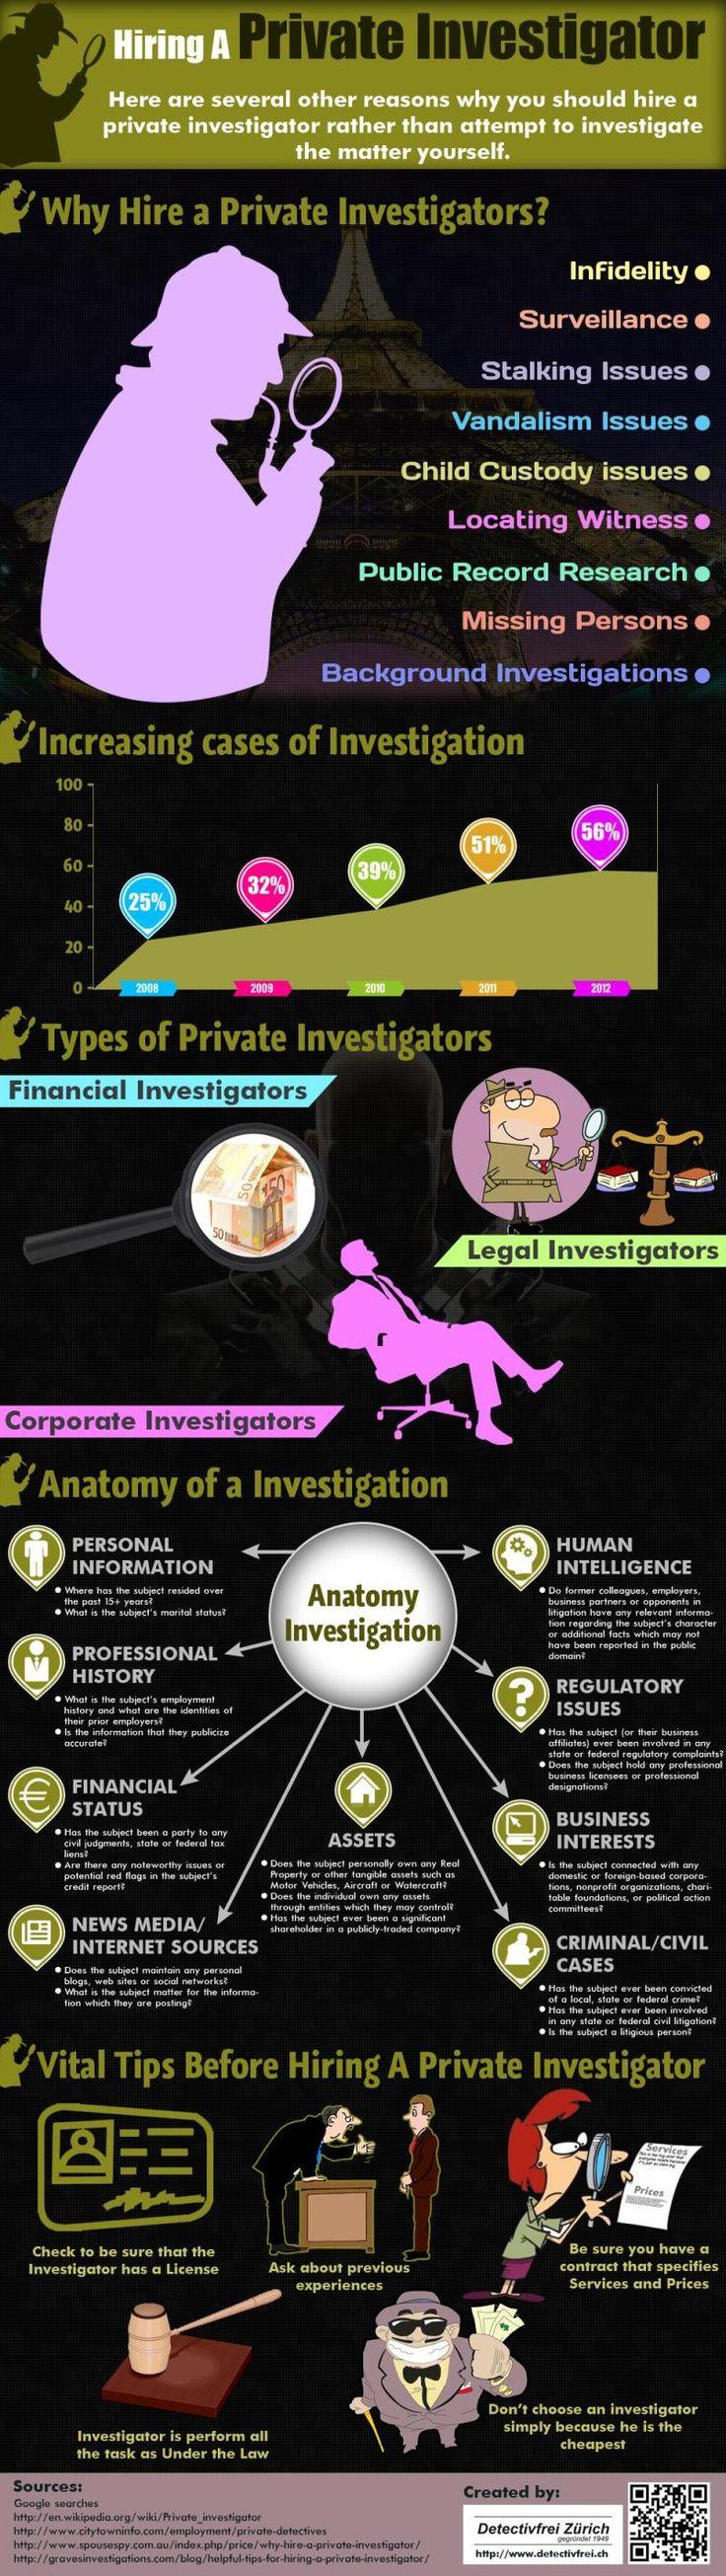 Private Investigator Services